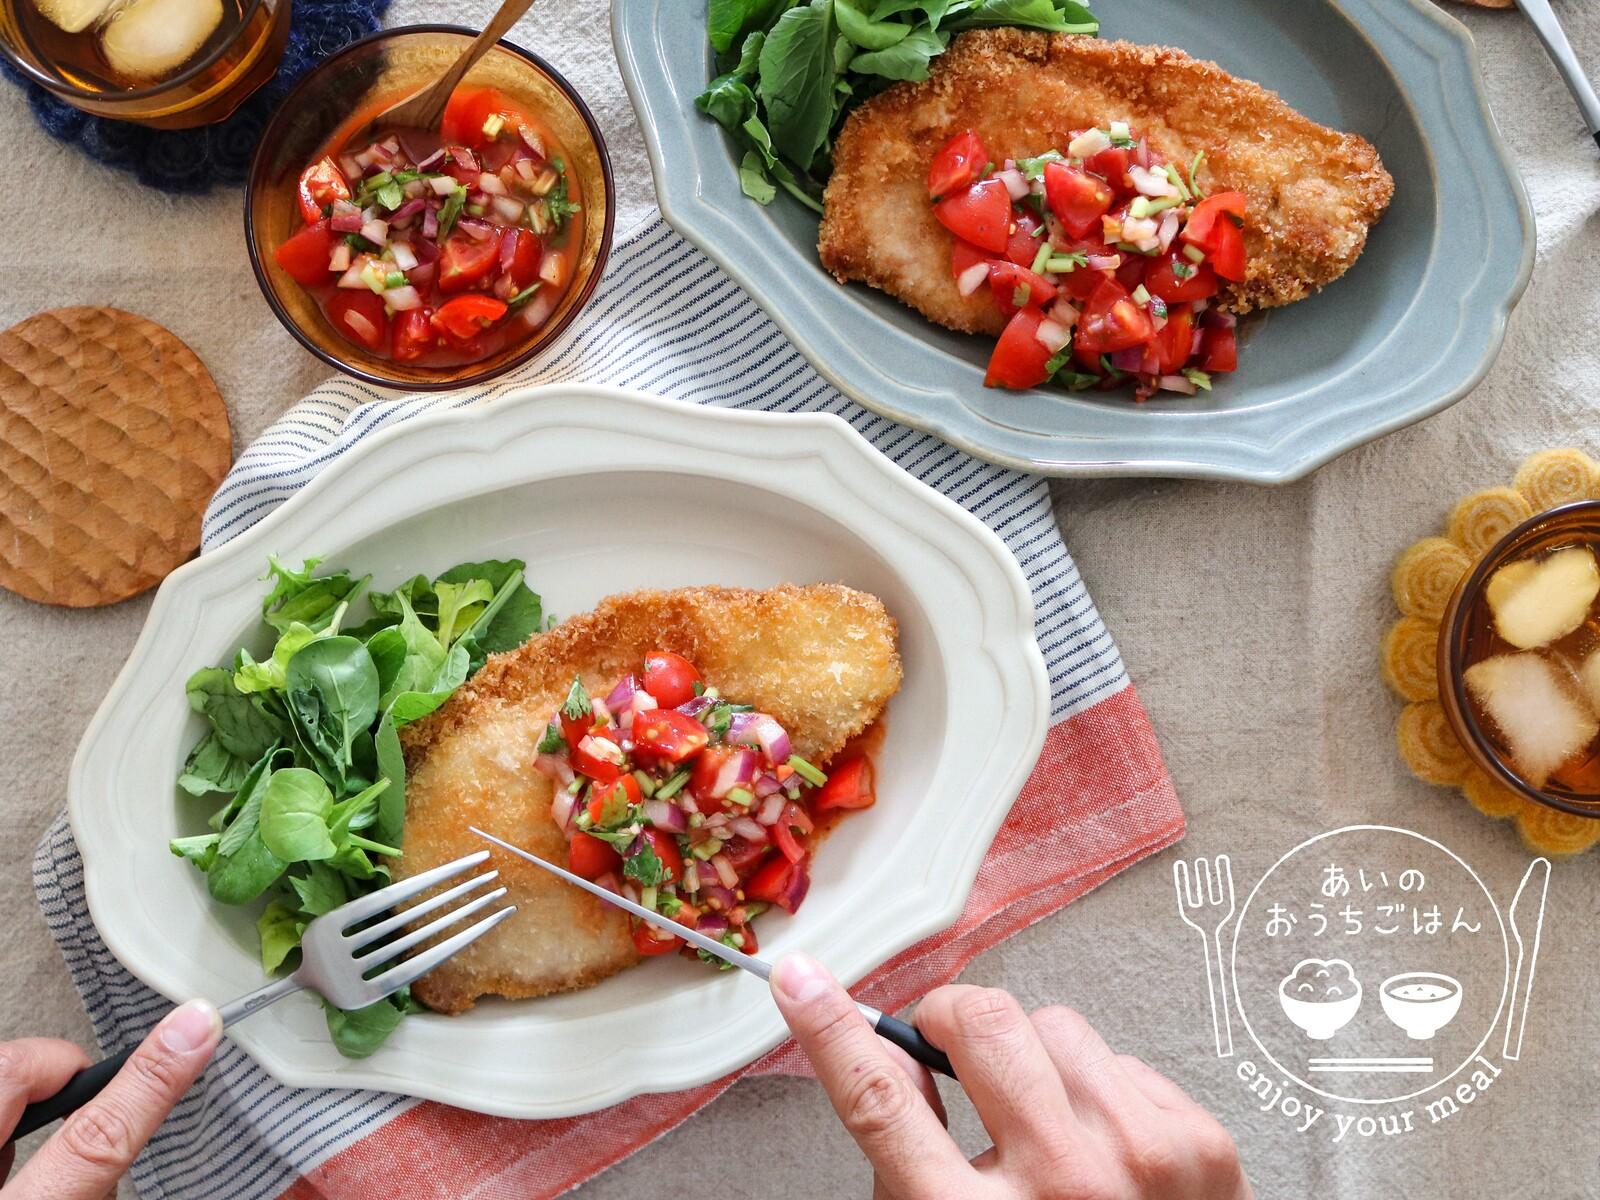 *あいのおうちごはん♡レシピと色々ブログ♡ *【S&B】粗切りトウガラシde辛い物好きにはたまらない♡ポークカツレツトマトサルサ風#PR